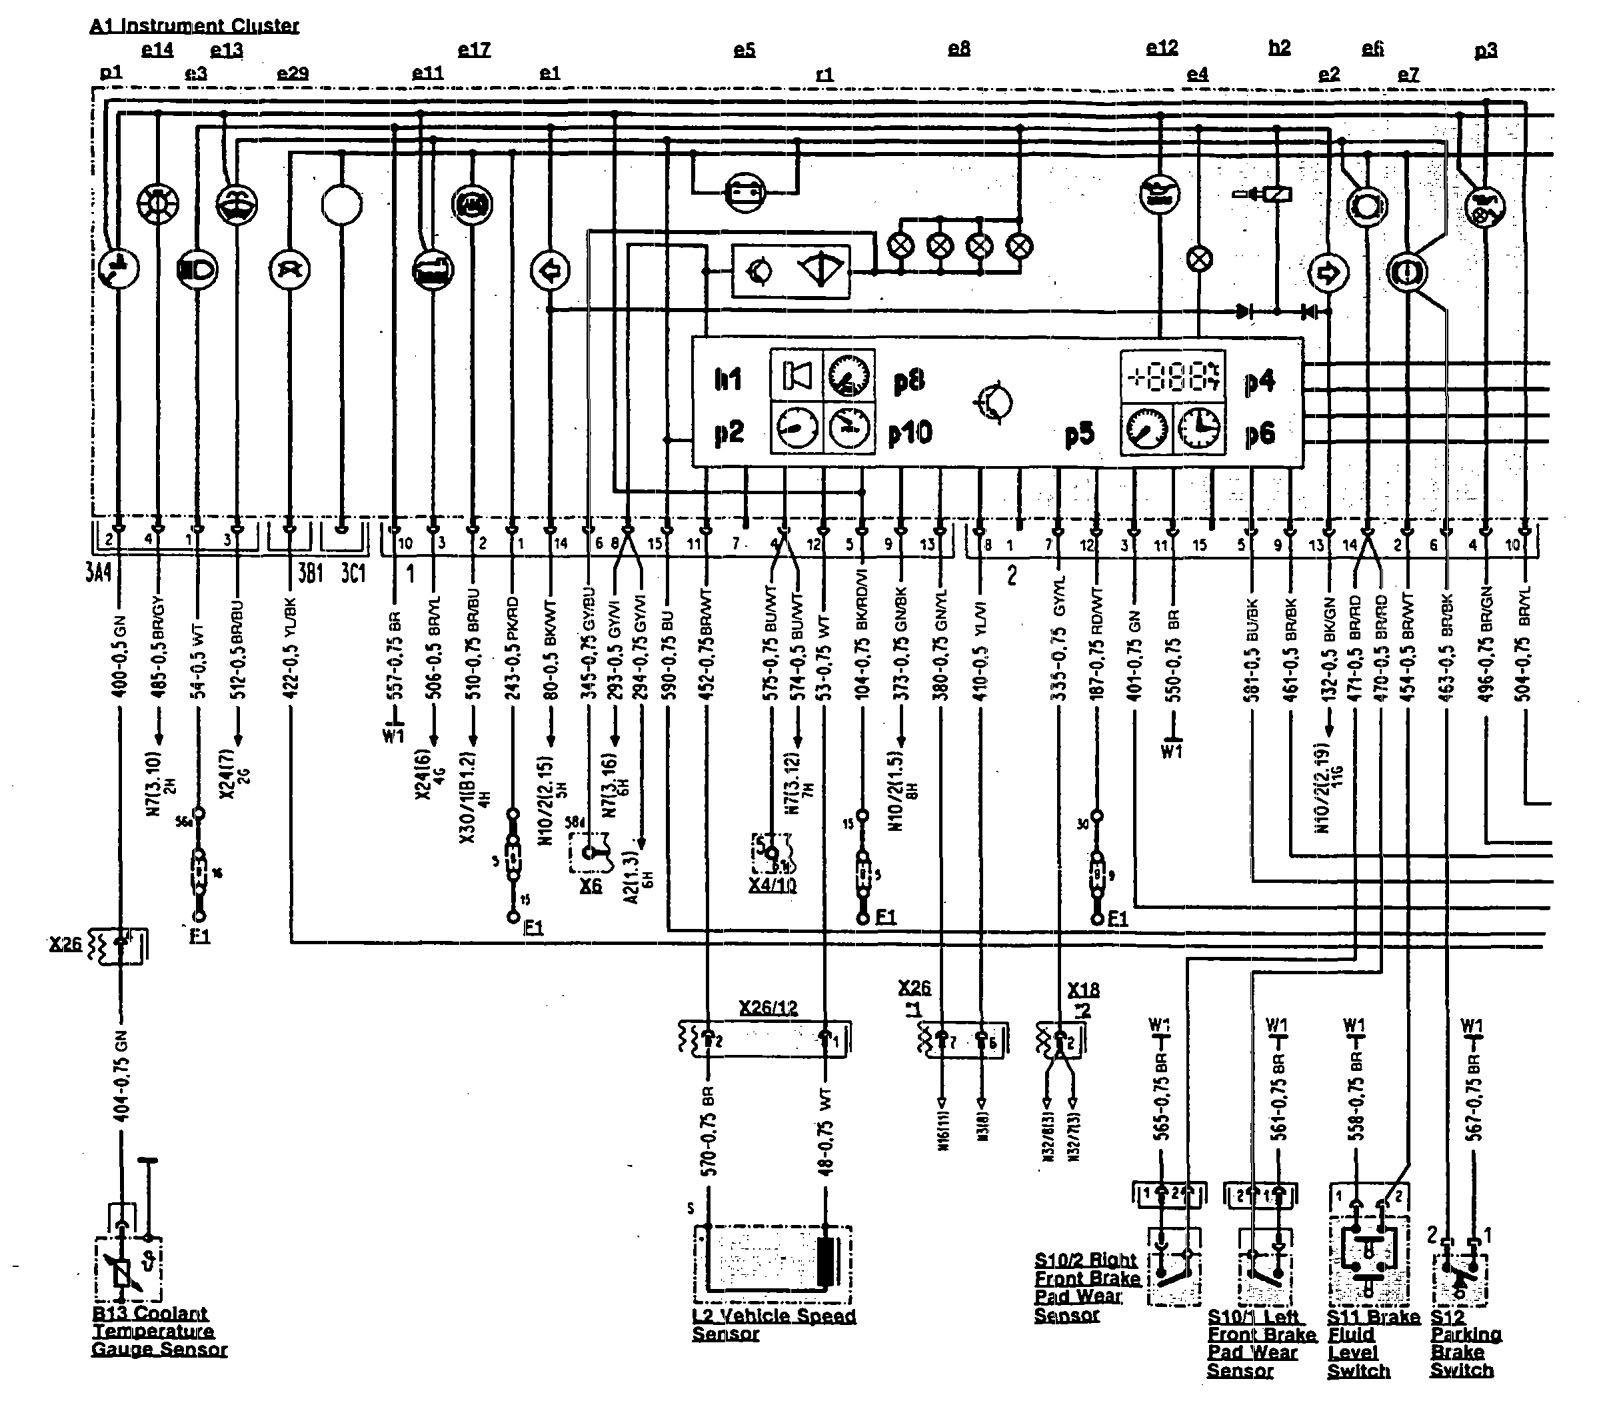 hight resolution of mercedes benz 300sl wiring diagram wiper washer part 1